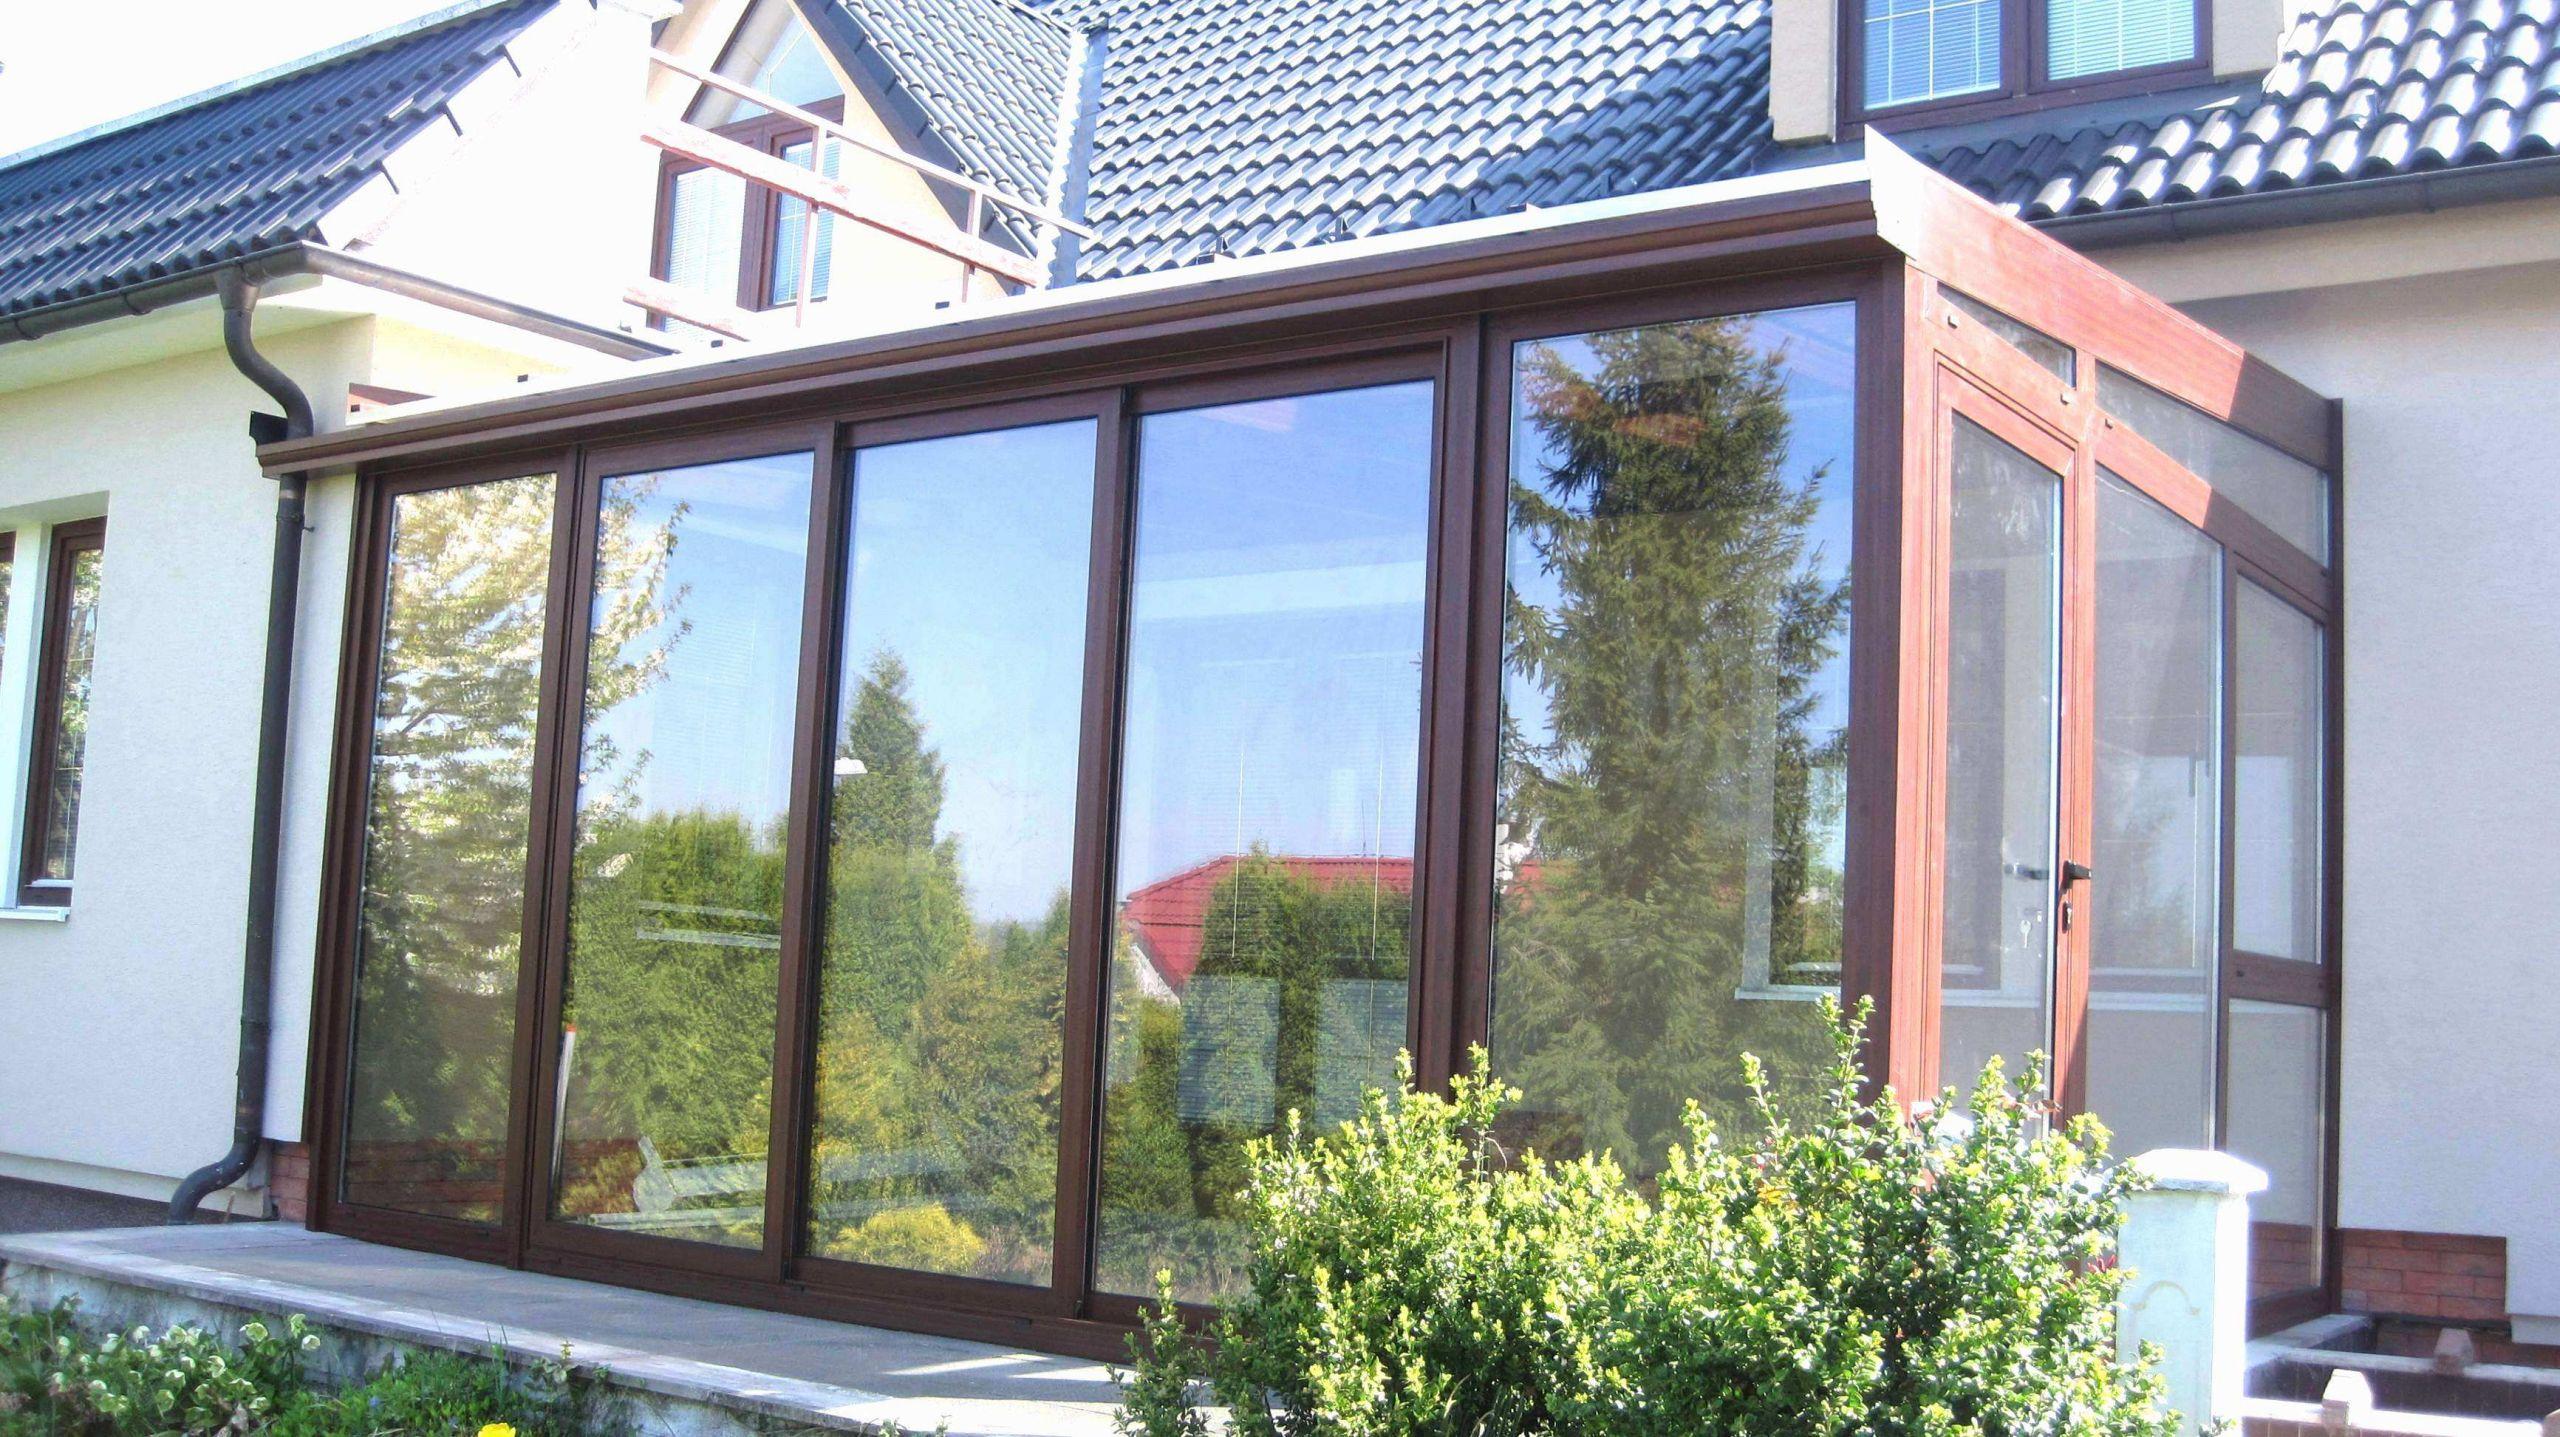 landhausstil deko holz im garten schon holz wintergarten 0d archives design von einrichtung landhausstil dekoration of einrichtung landhausstil dekoration